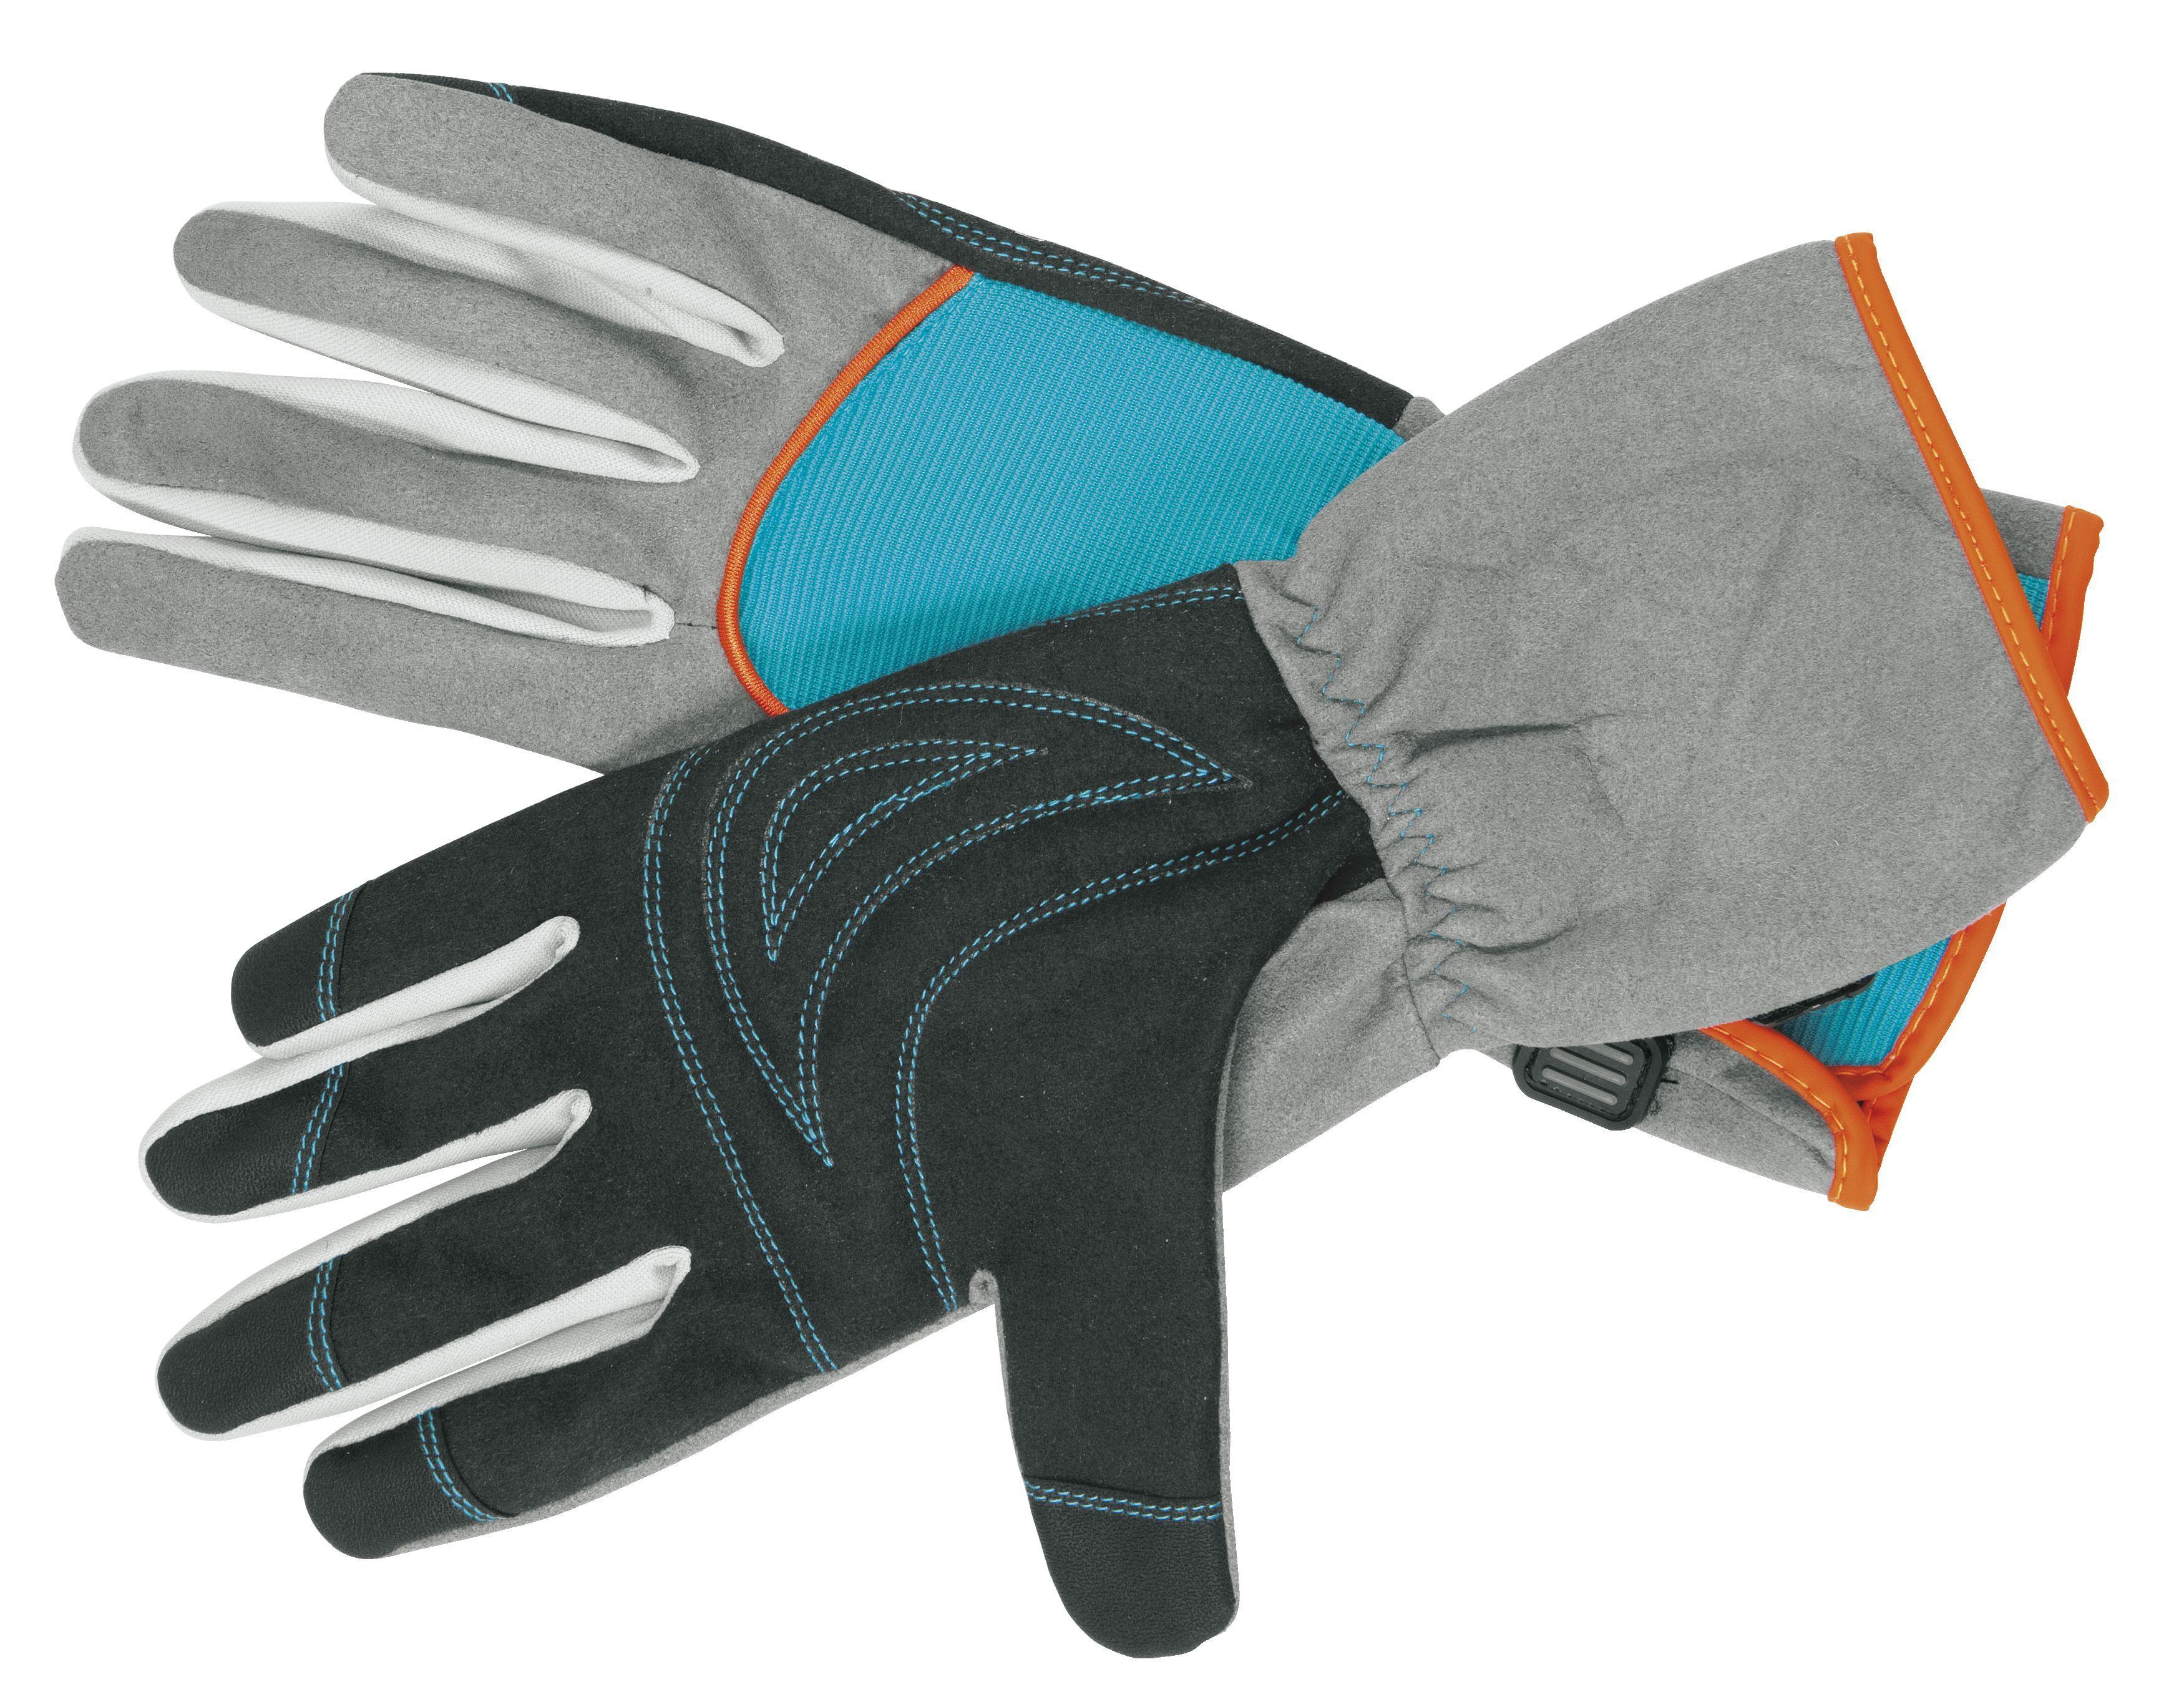 GARDENA Strauchpflegehandschuh / Schutzhandschuh Größe 9 / L 00218-20 Bild 1